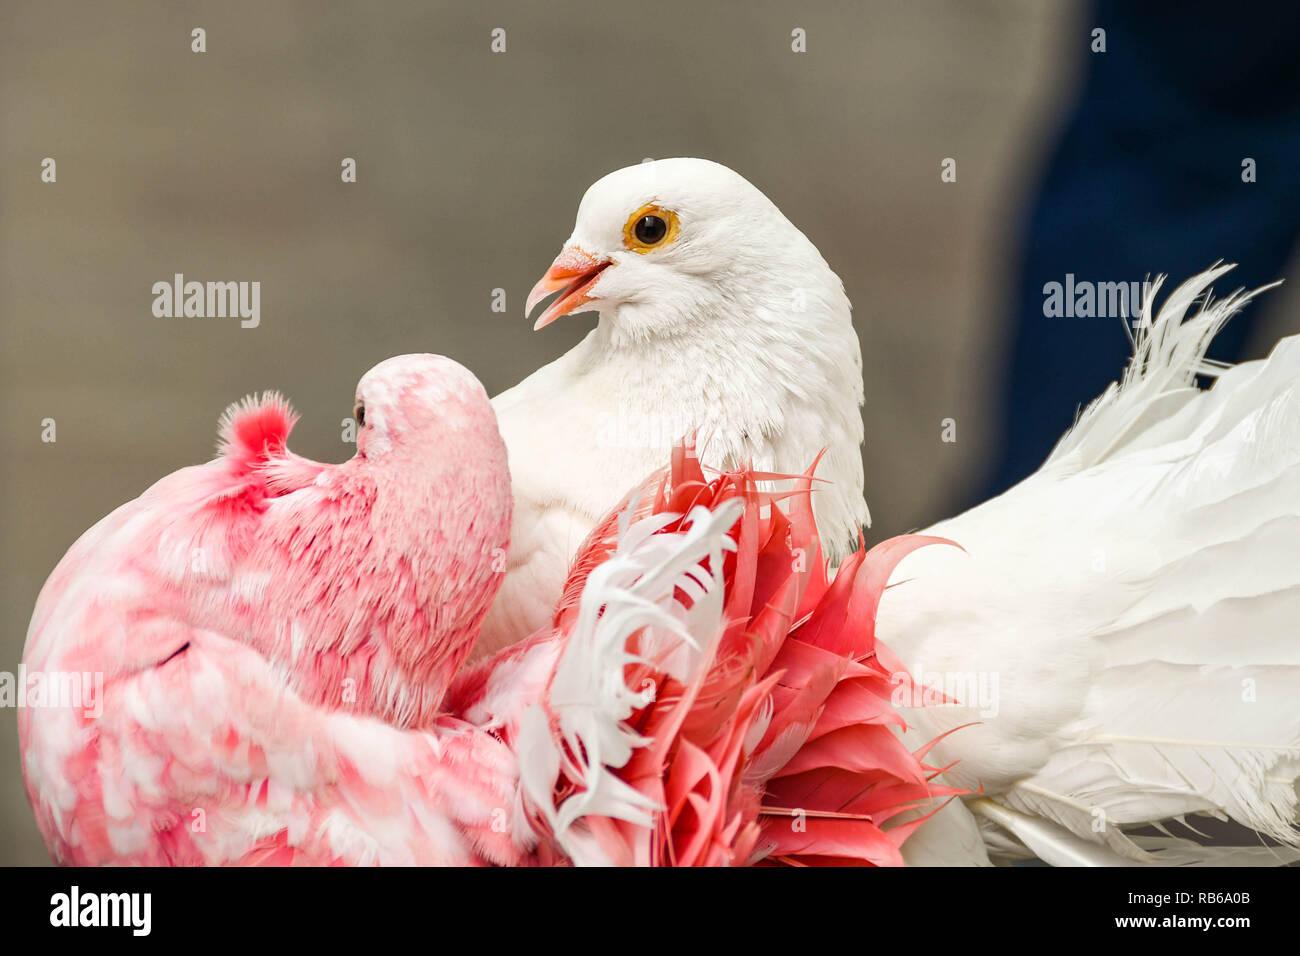 Amare gli uccelli immagini & amare gli uccelli fotos stock alamy